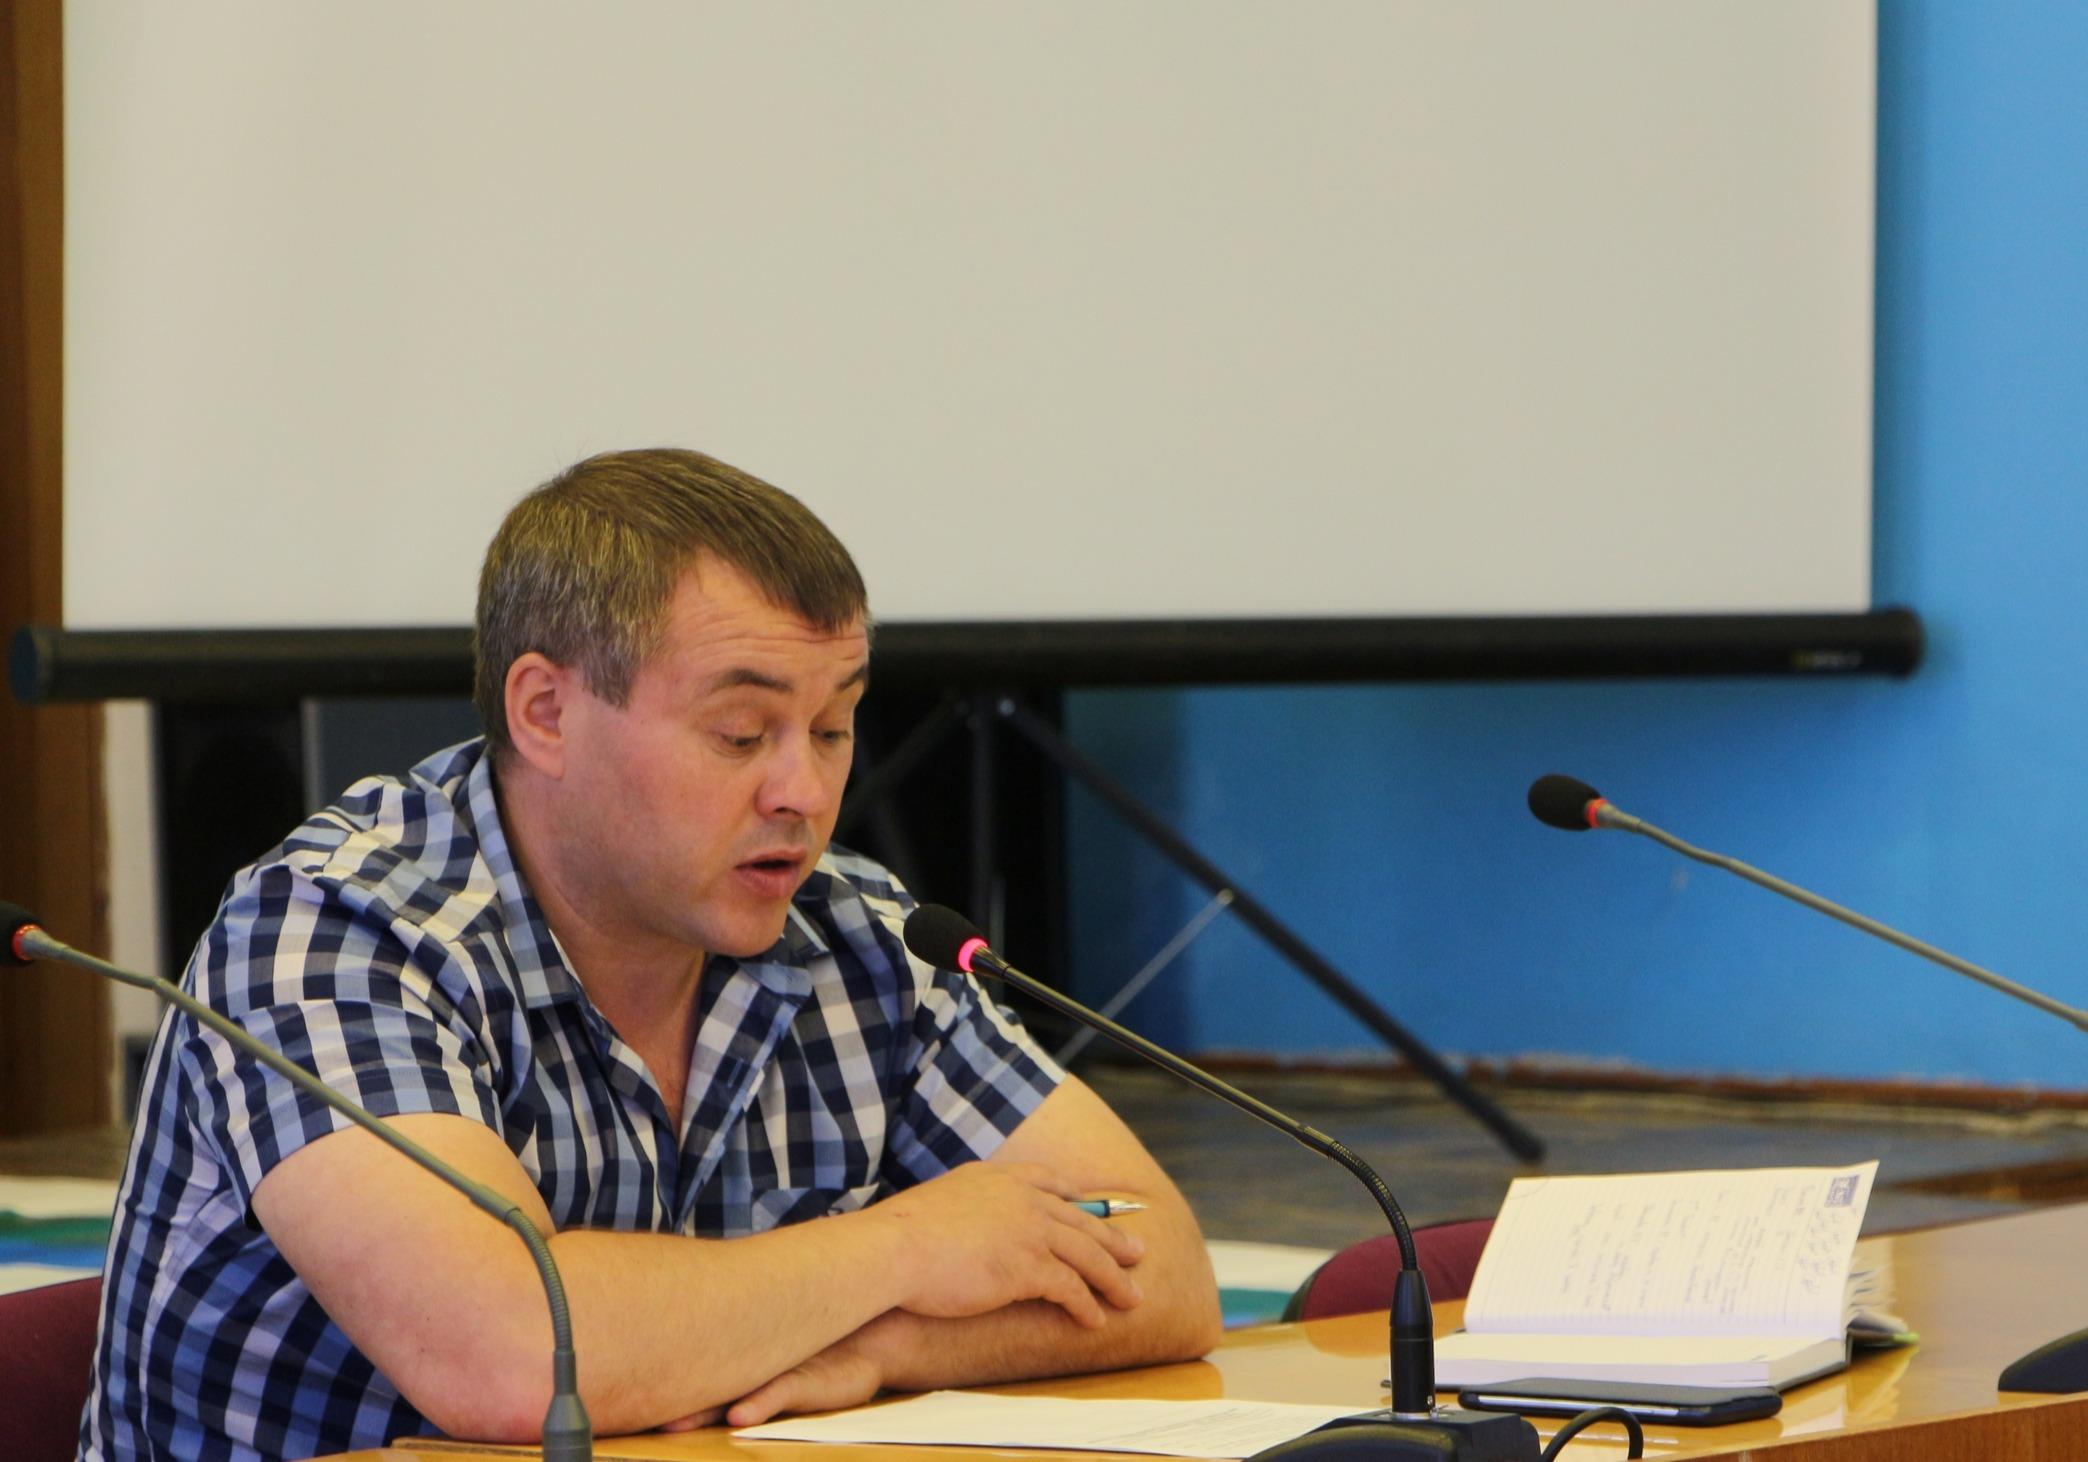 Под председательством заместителя руководителя администрации Александра Боброва состоялось заседание штаба по подготовке к отопительному сезону